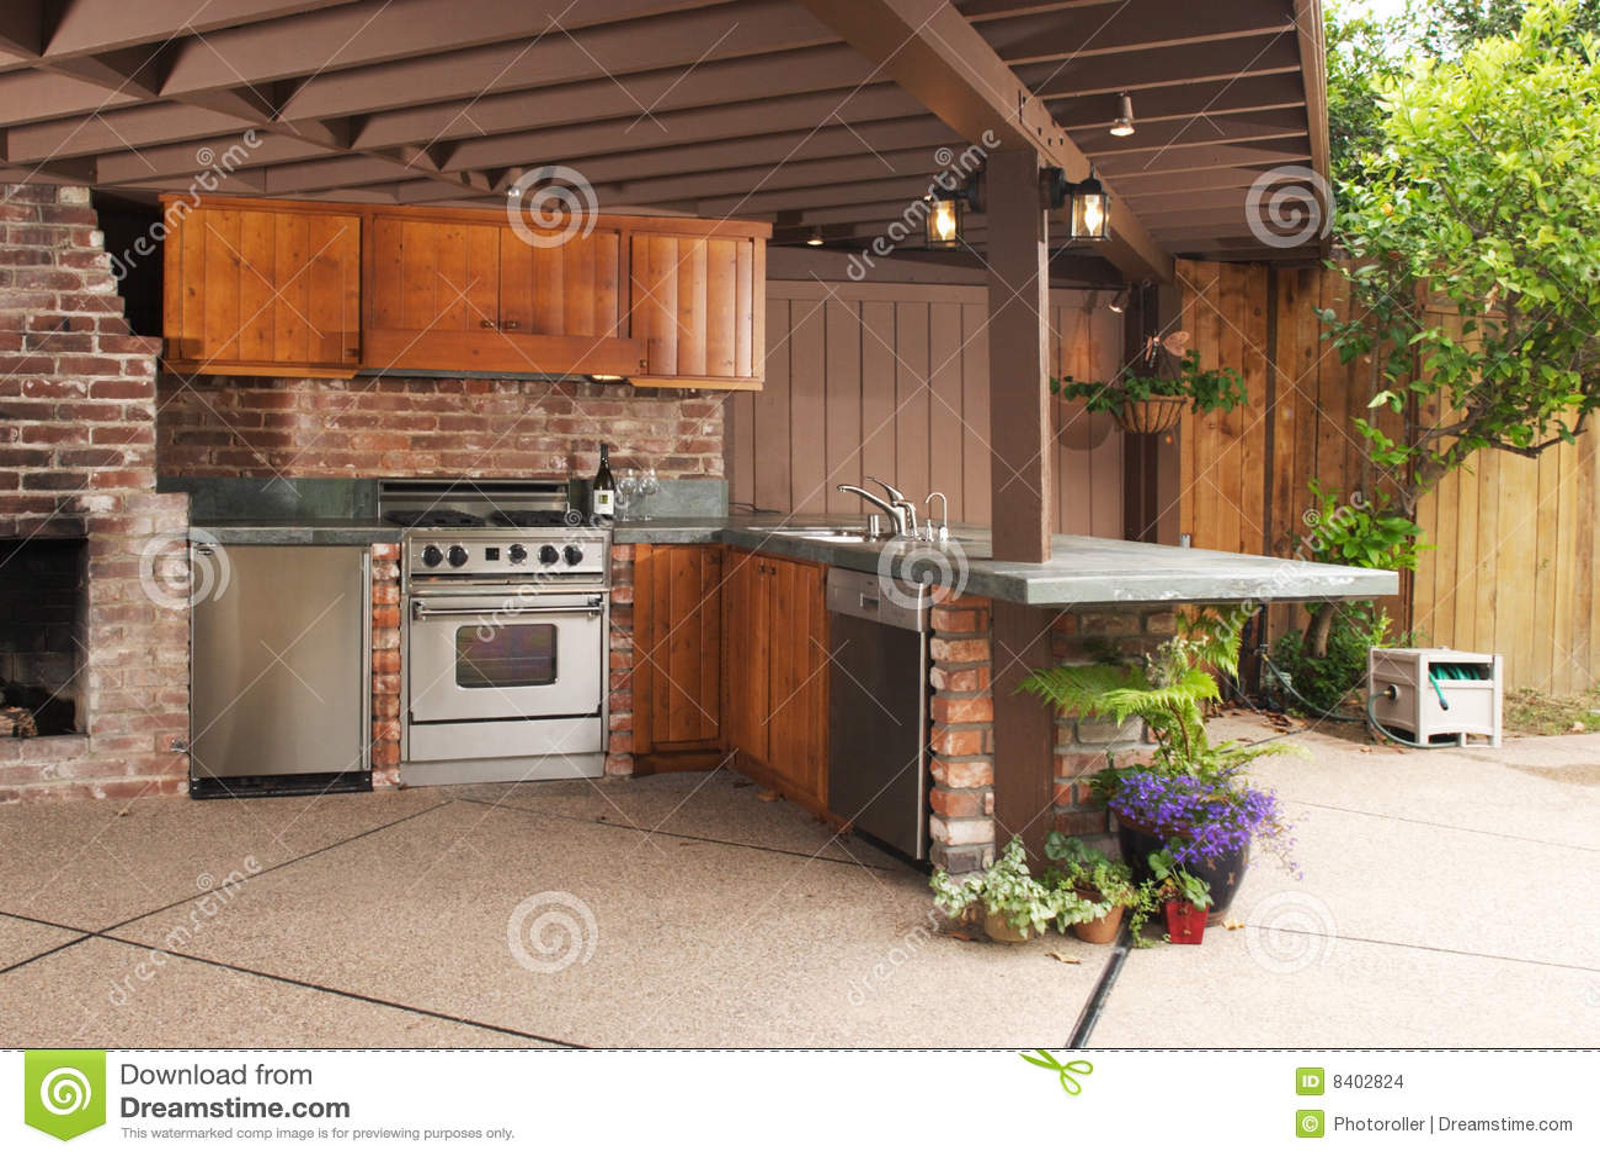 La cocina al aire libre imagen de archivo. Imagen de dining - 16374207